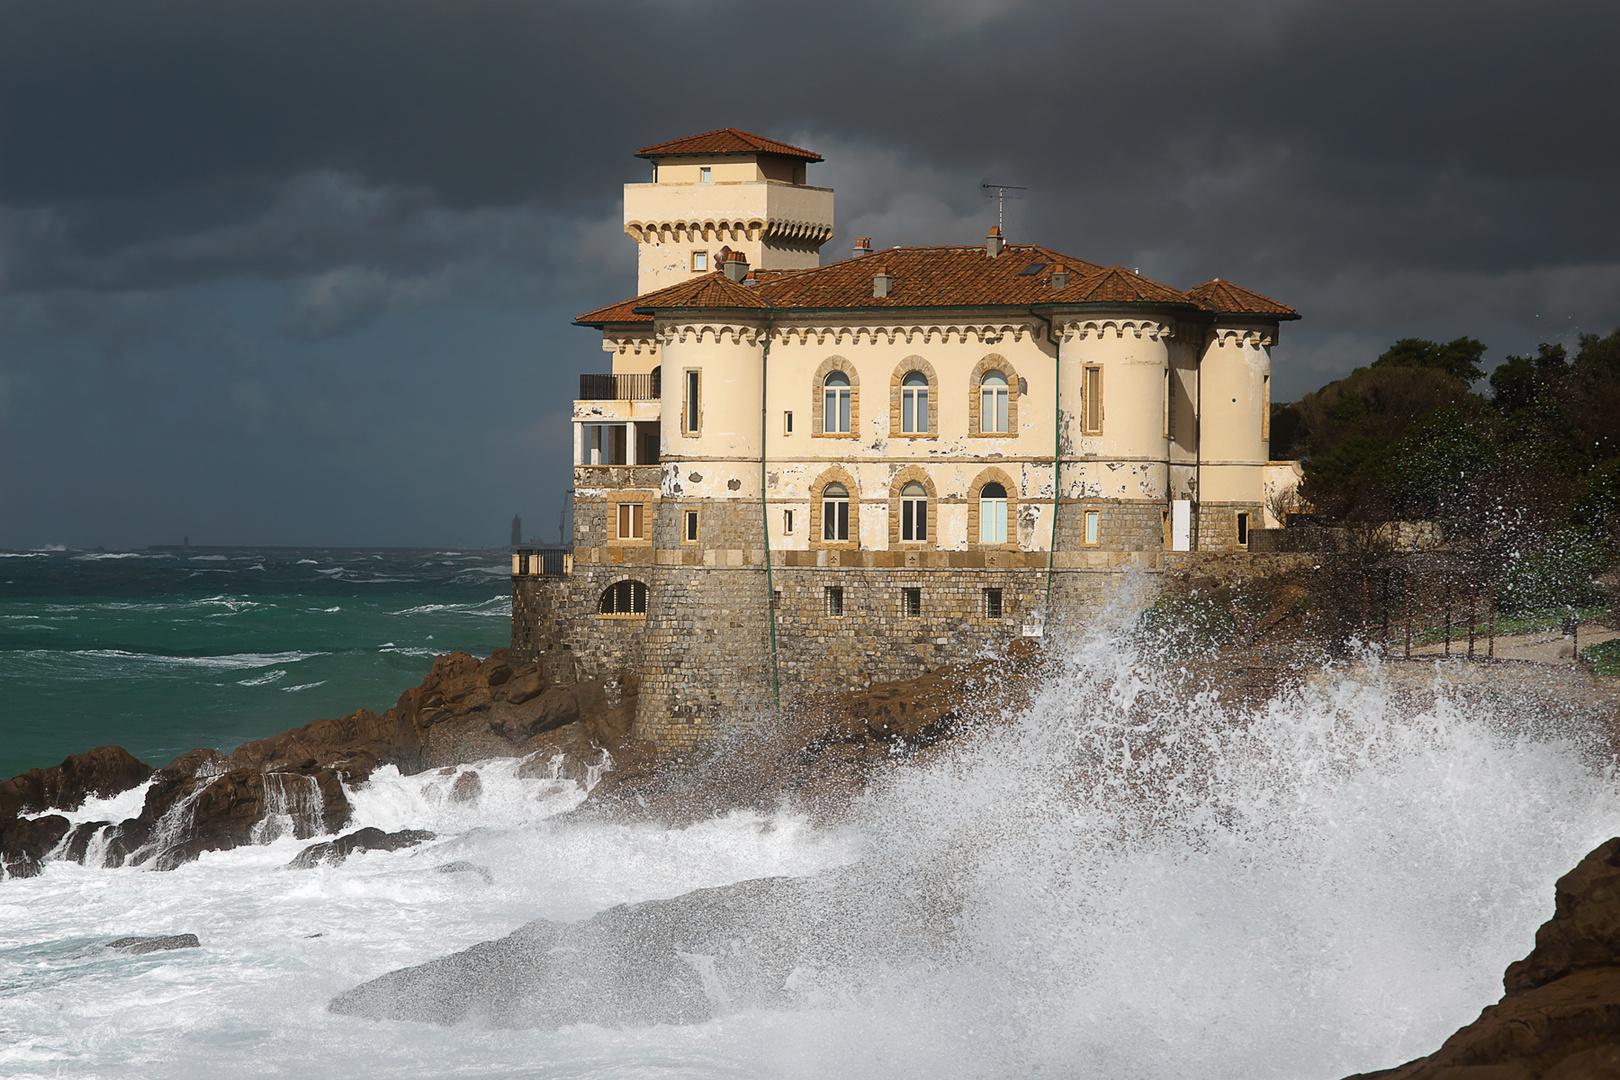 Castel_Boccale